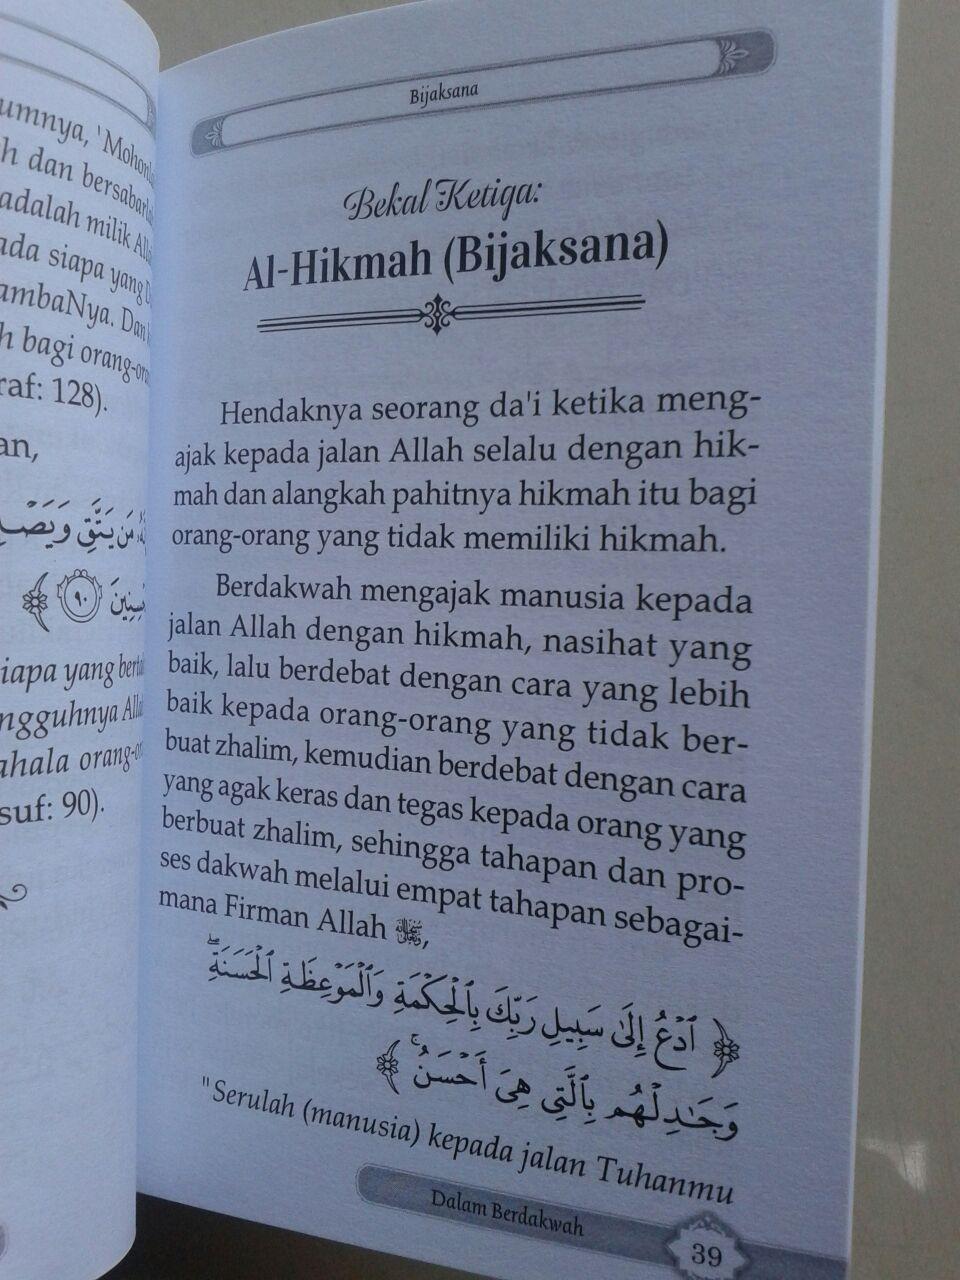 Buku Saku Bekal Setiap Muslim Berdakwah Agar Dakwah Mudah Diterima isi 2